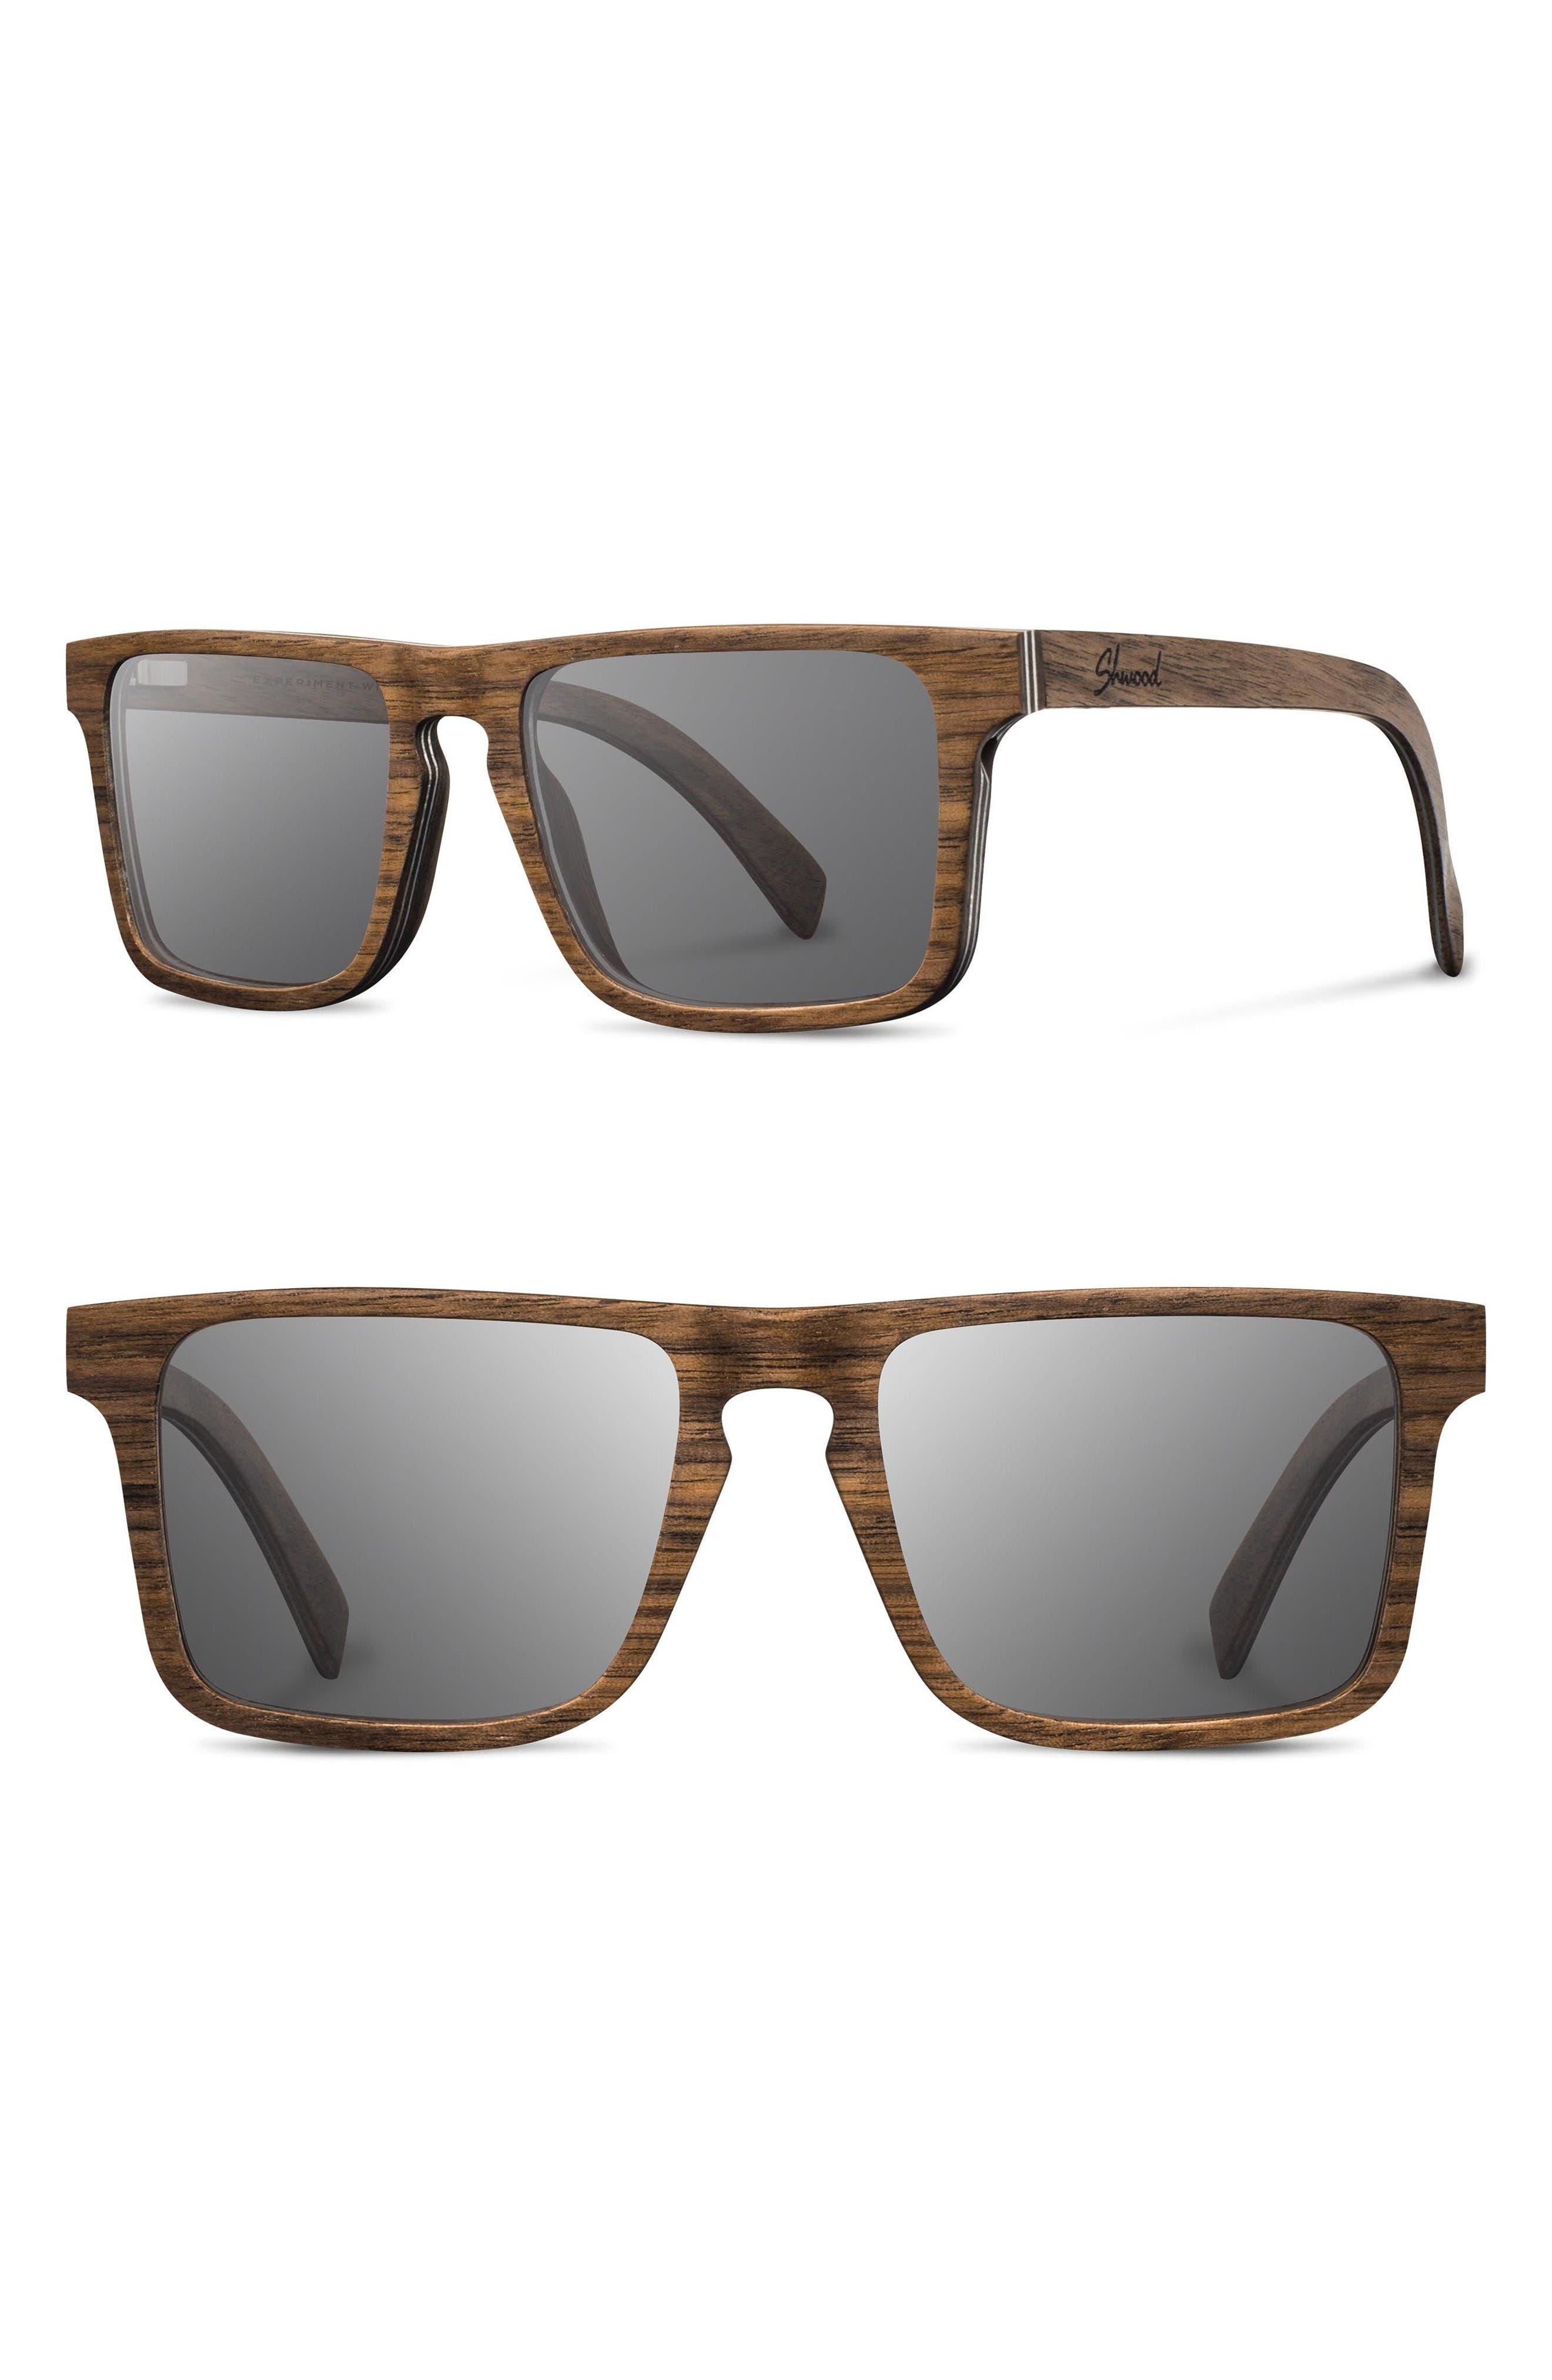 SHWOOD Govy 2 52mm Polarized Wood Sunglasses